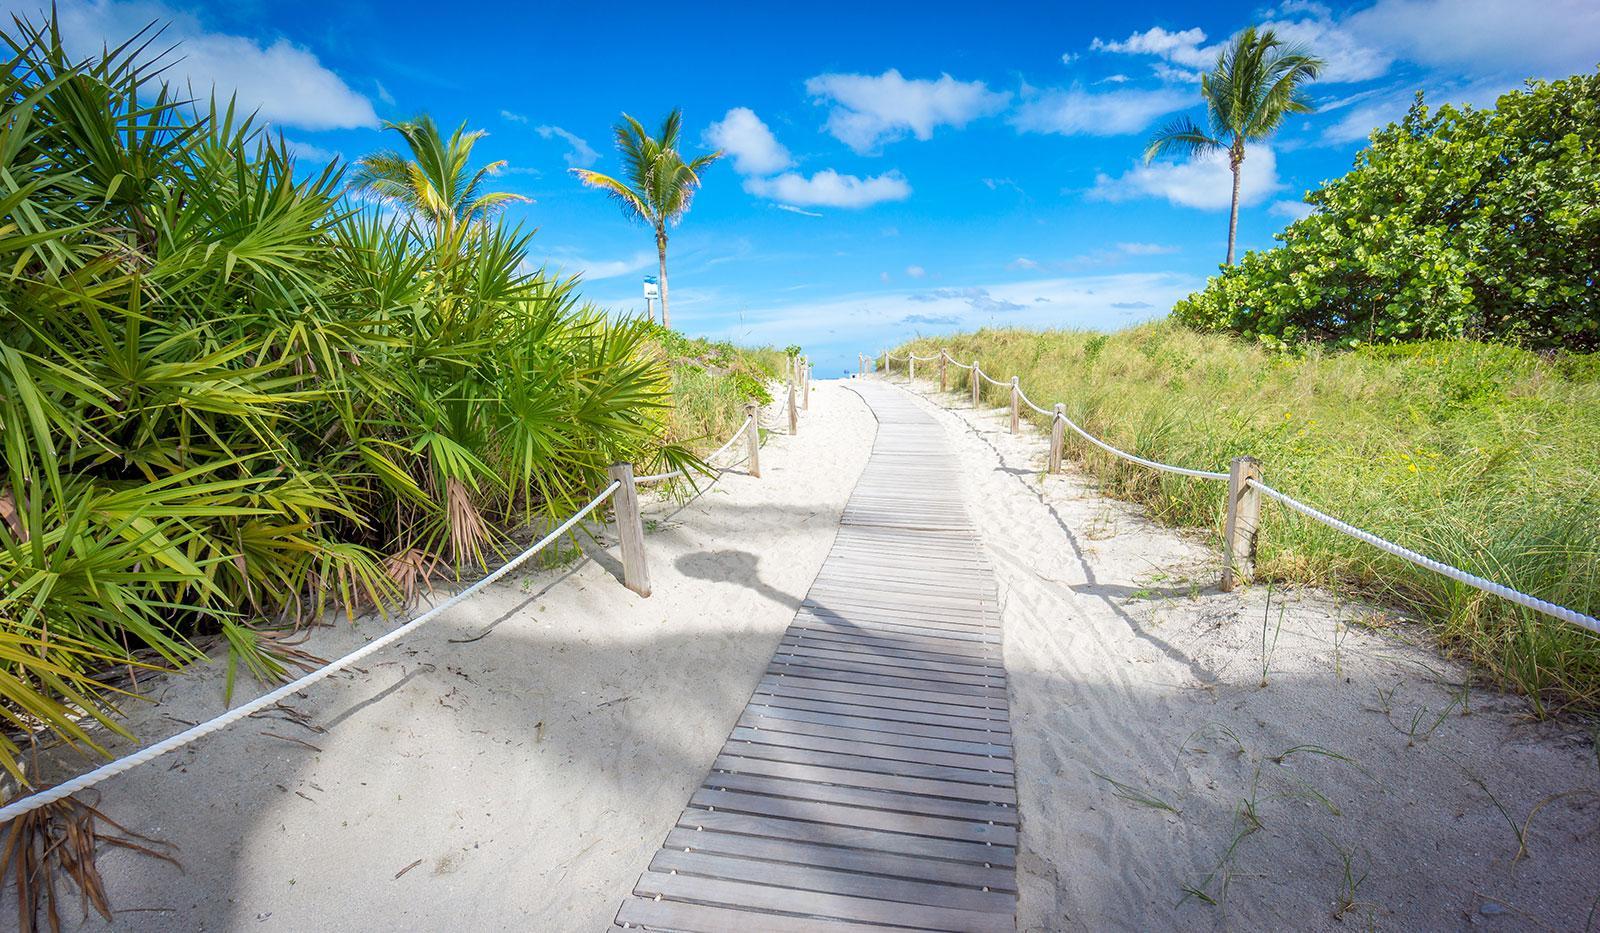 Vista de la playa de South Beach en Miami